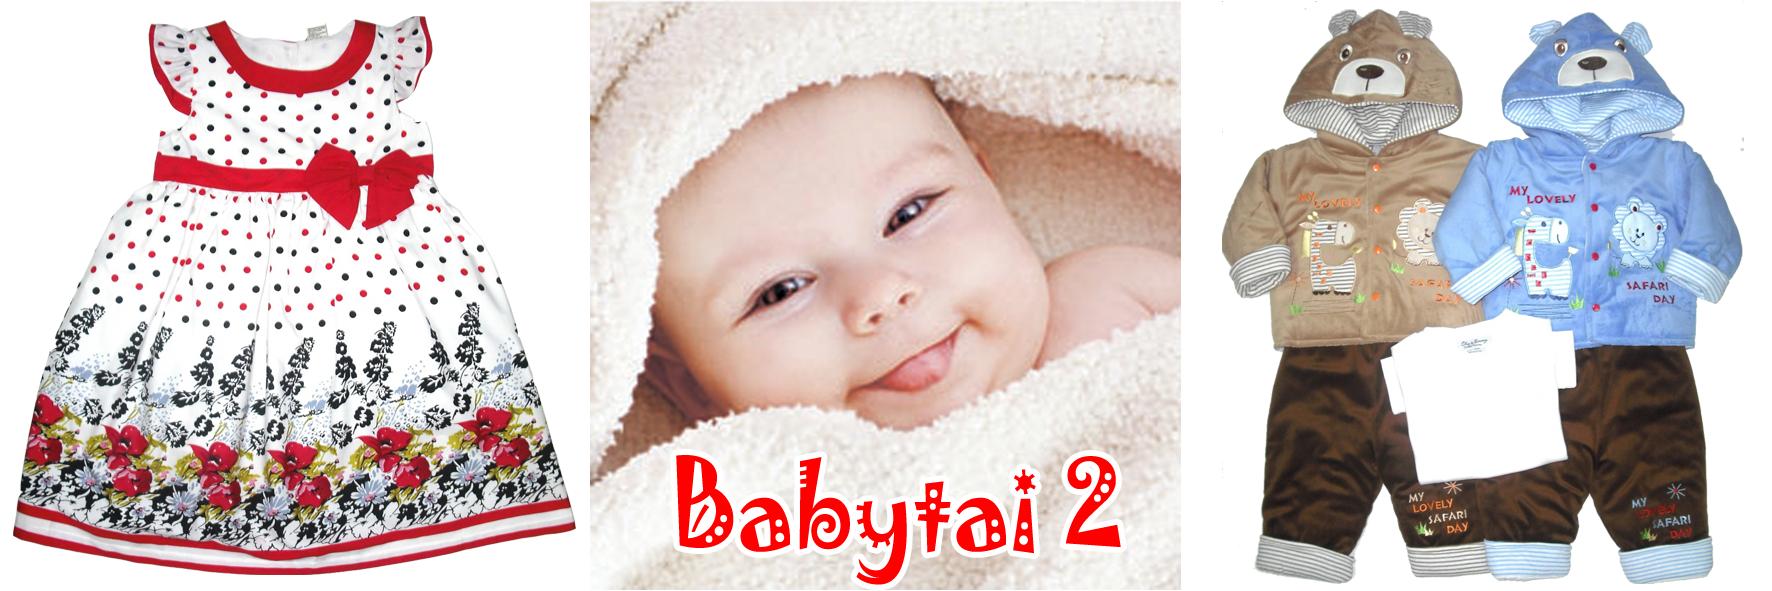 Сбор заказов. Babytai - большой выбор детской одежды от 0 и старше. Праздничные платья и костюмы. Выкуп 2